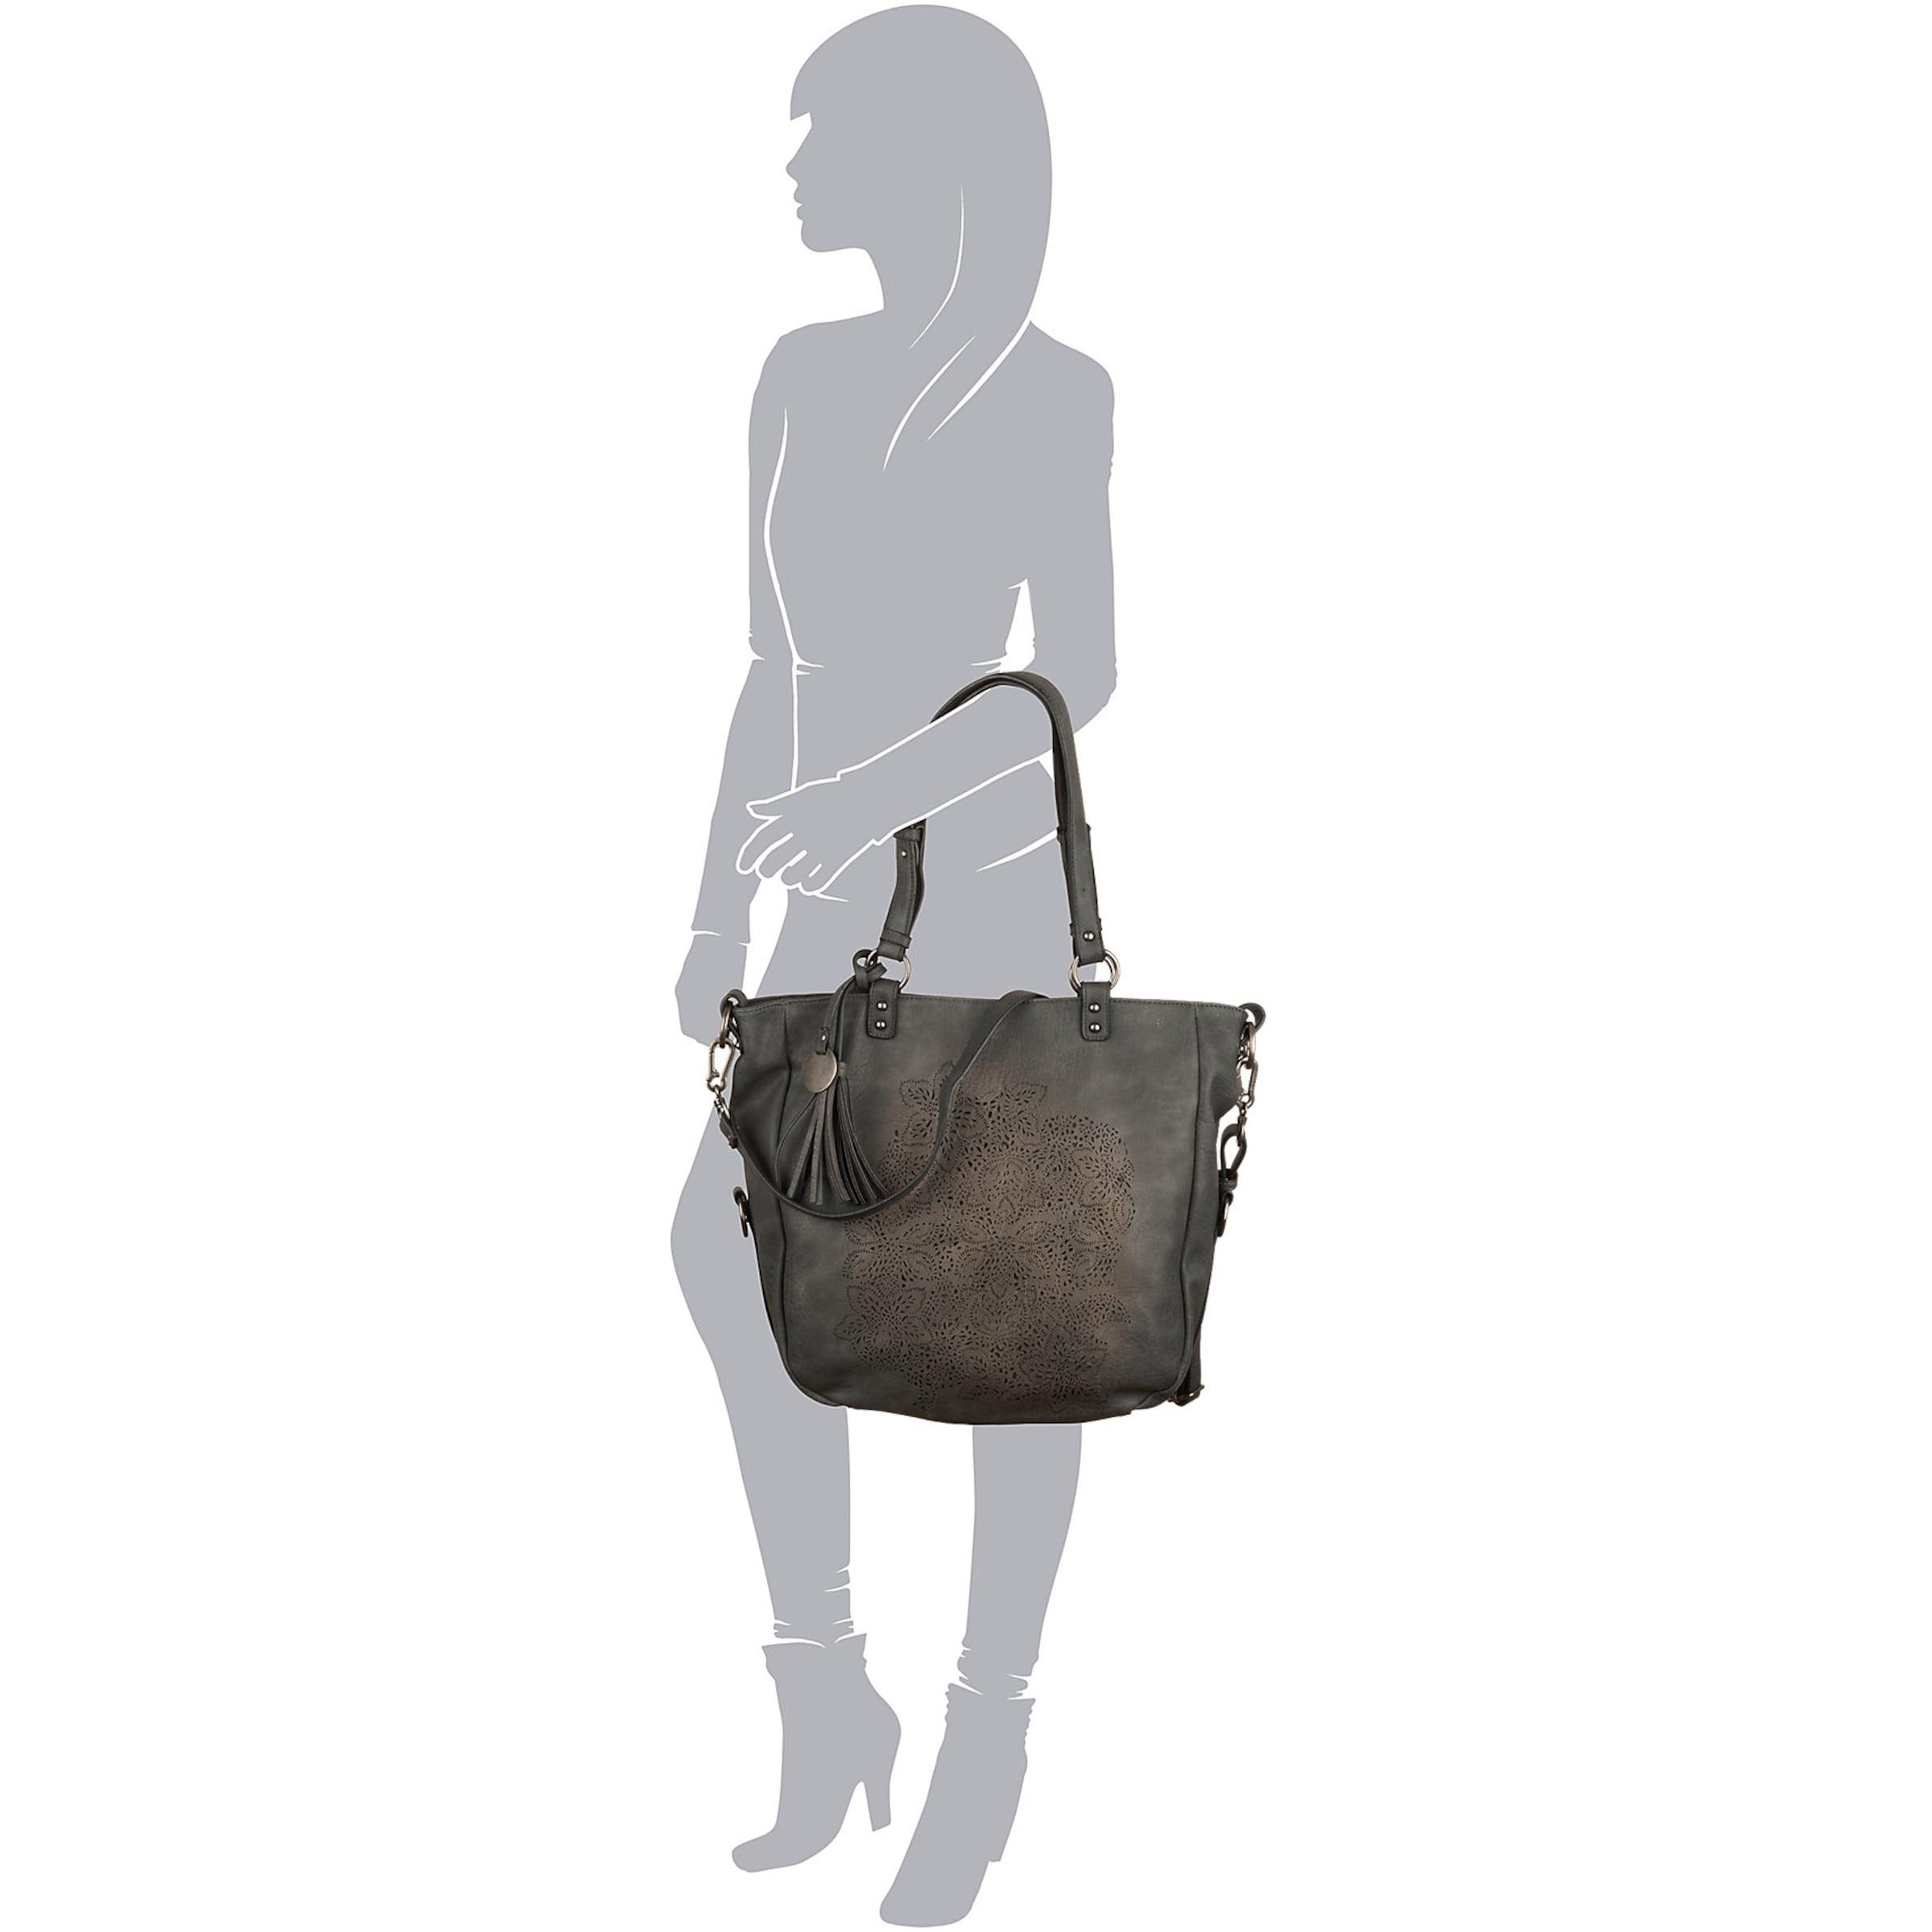 Suri Frey Serie Judy Handtasche Rabatt Manchester Spielraum In Mode Verkaufsangebote Bestes Großhandel Online qVMw9sv